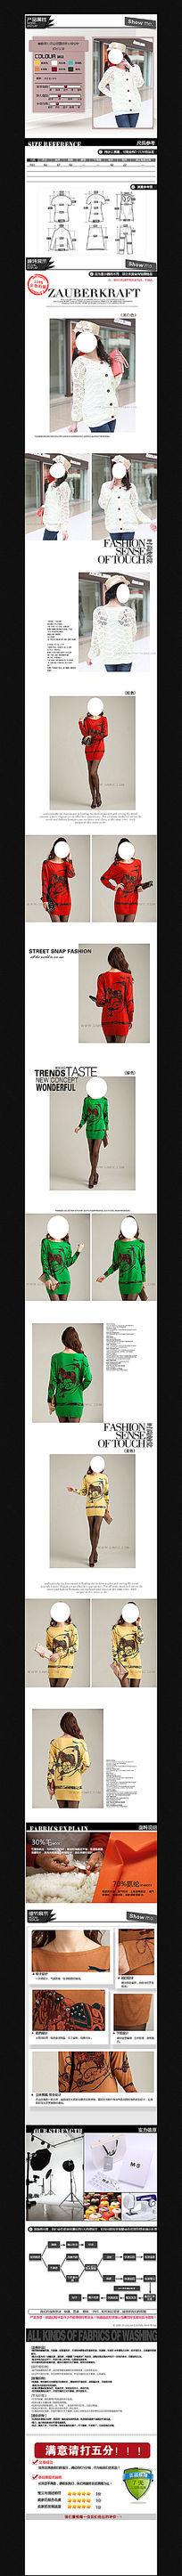 淘宝女装针织毛衣详情页细节展示模板